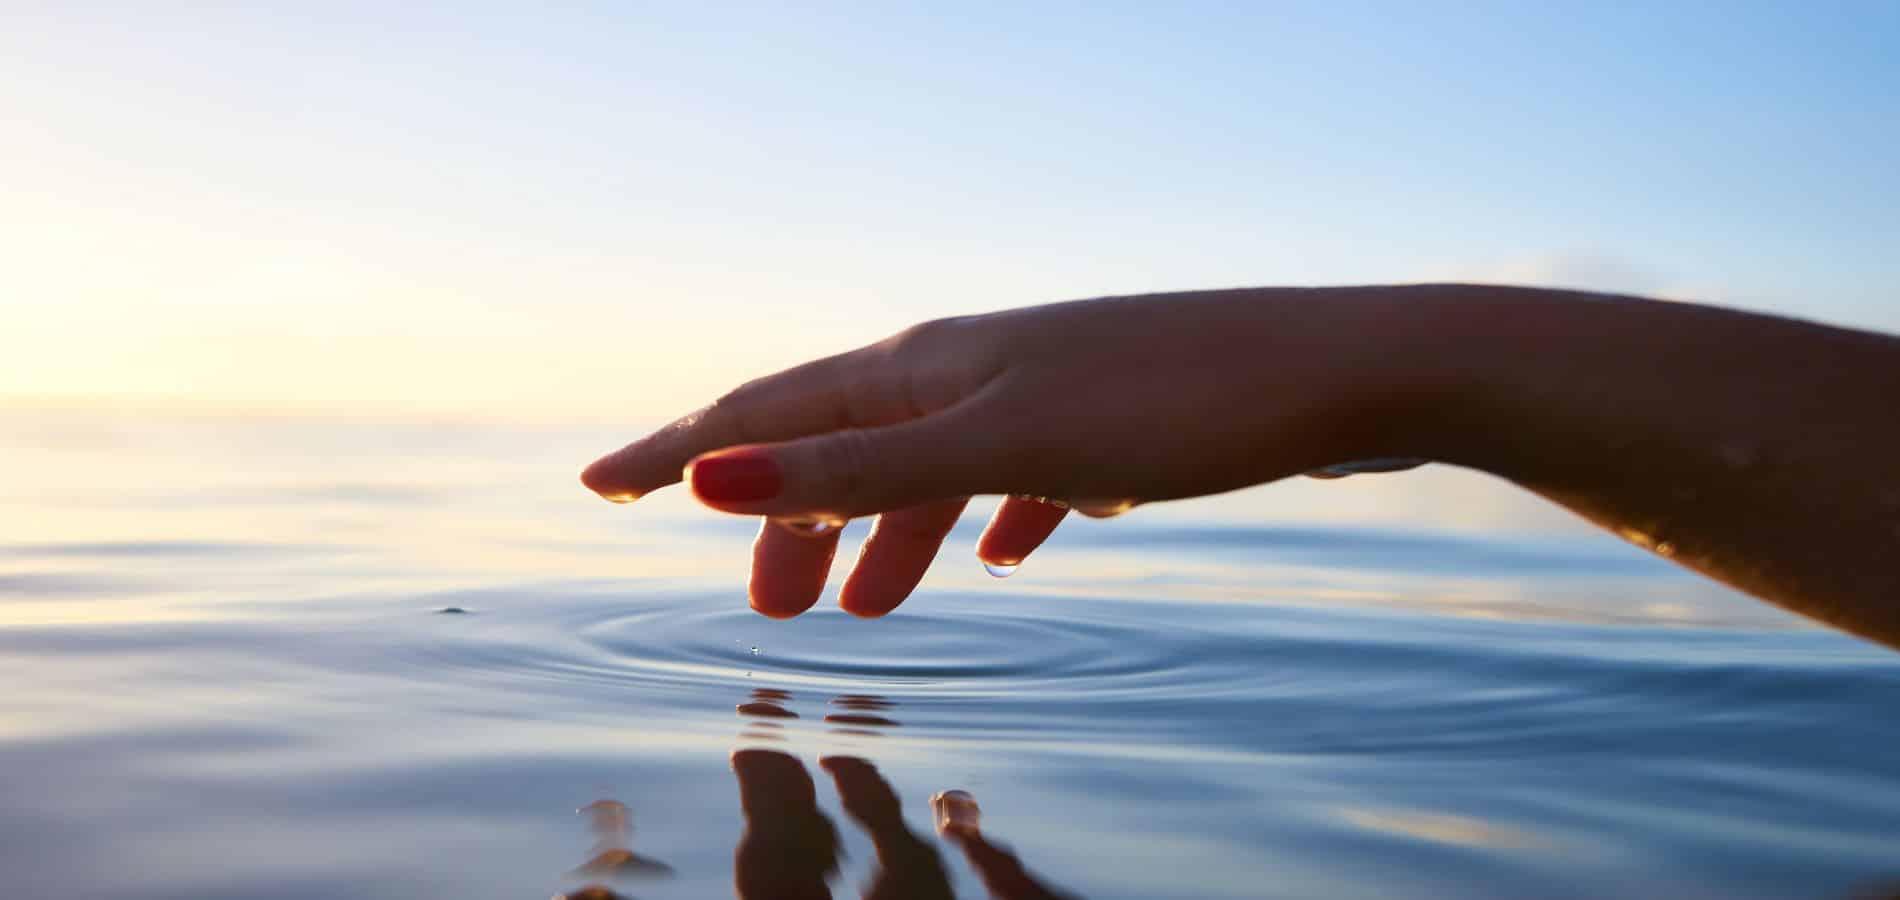 Automassage, une pratique aux multiples bienfaits pour le corps et l'esprit